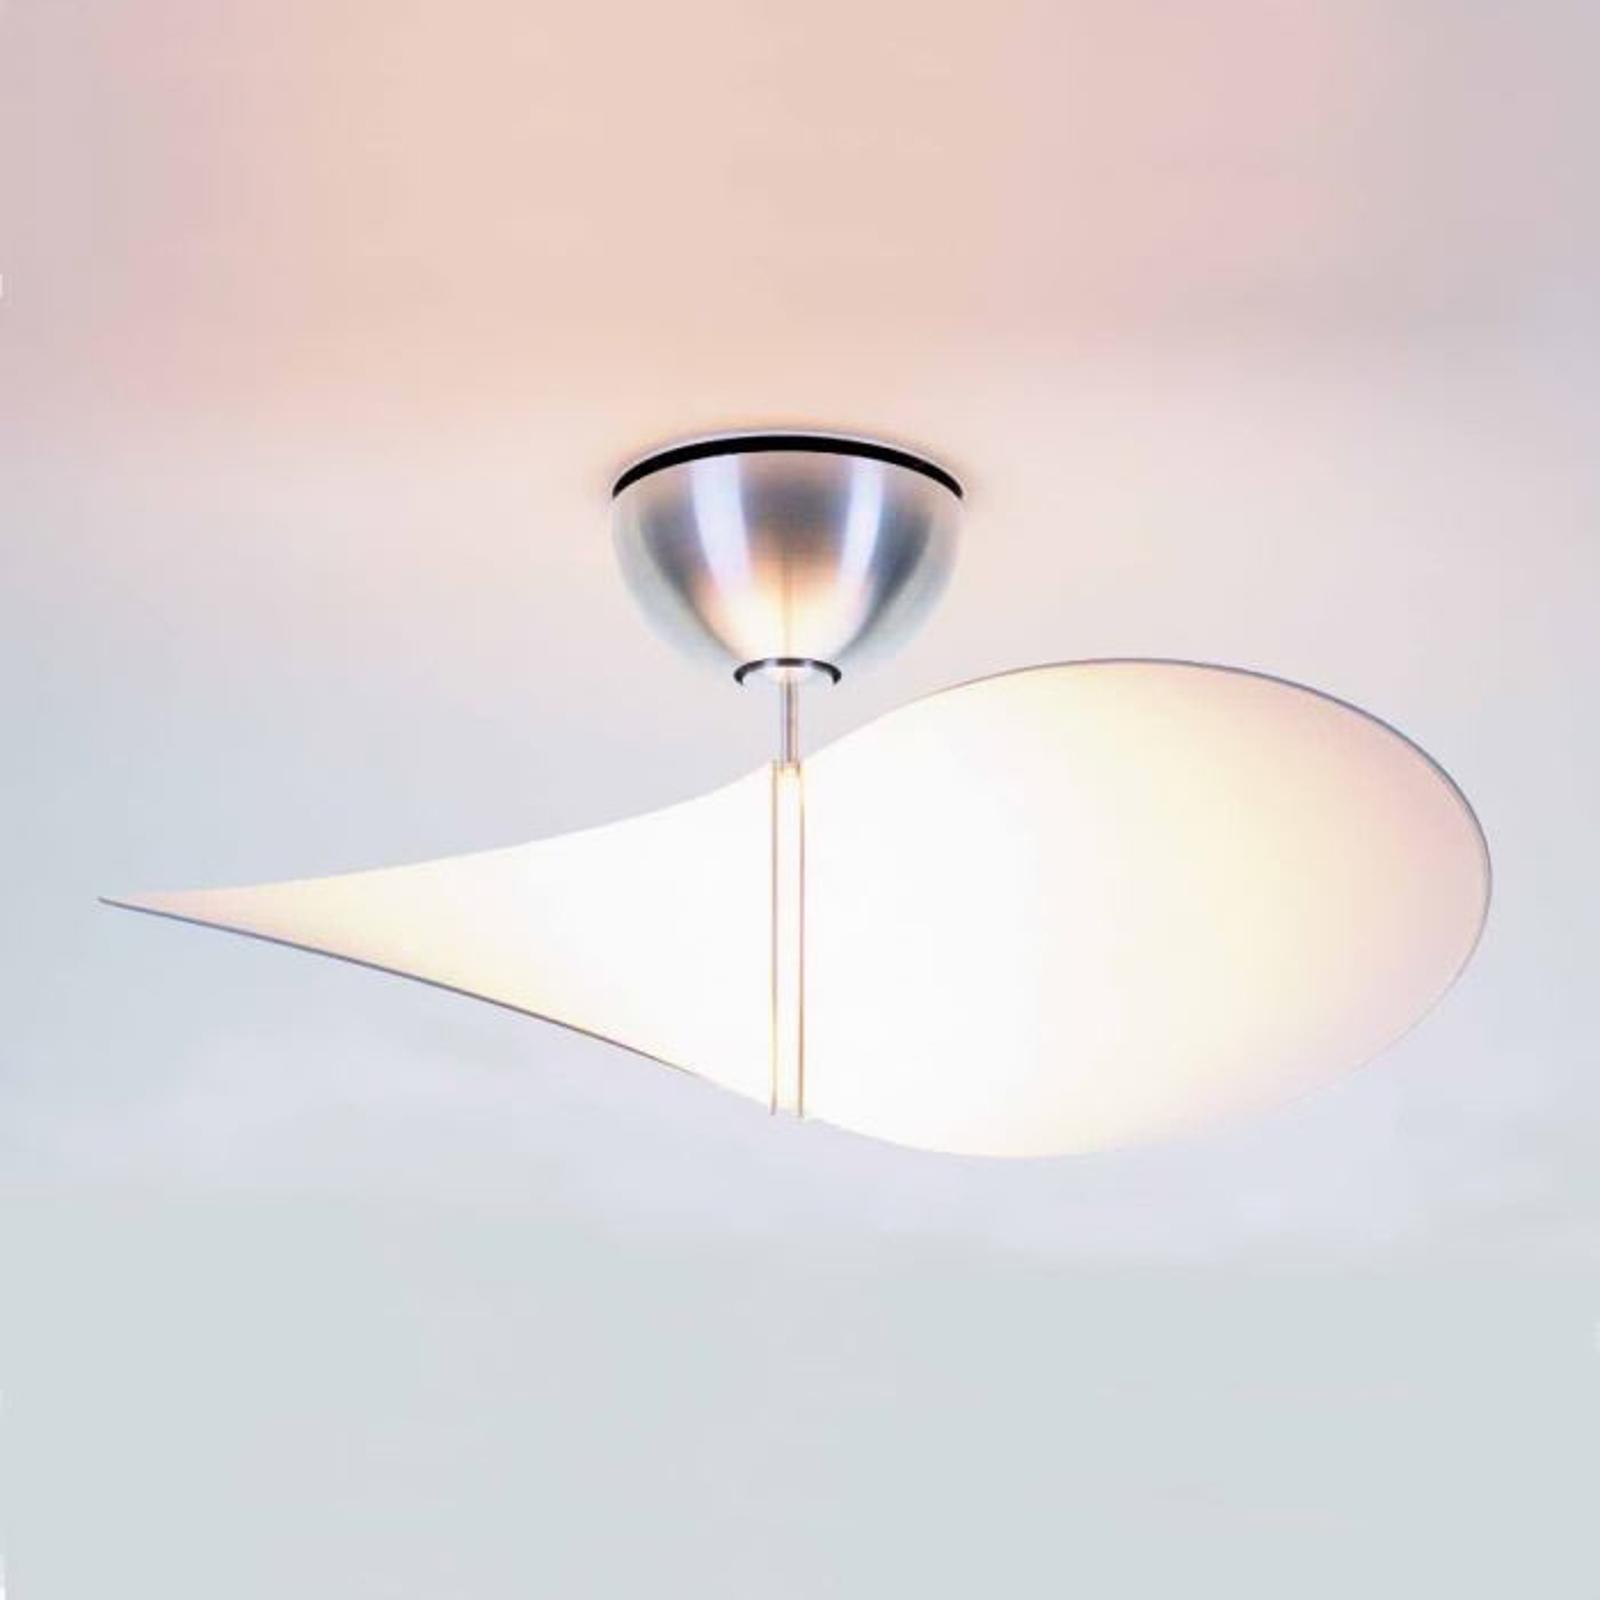 serien.lighting Propeller takvifte